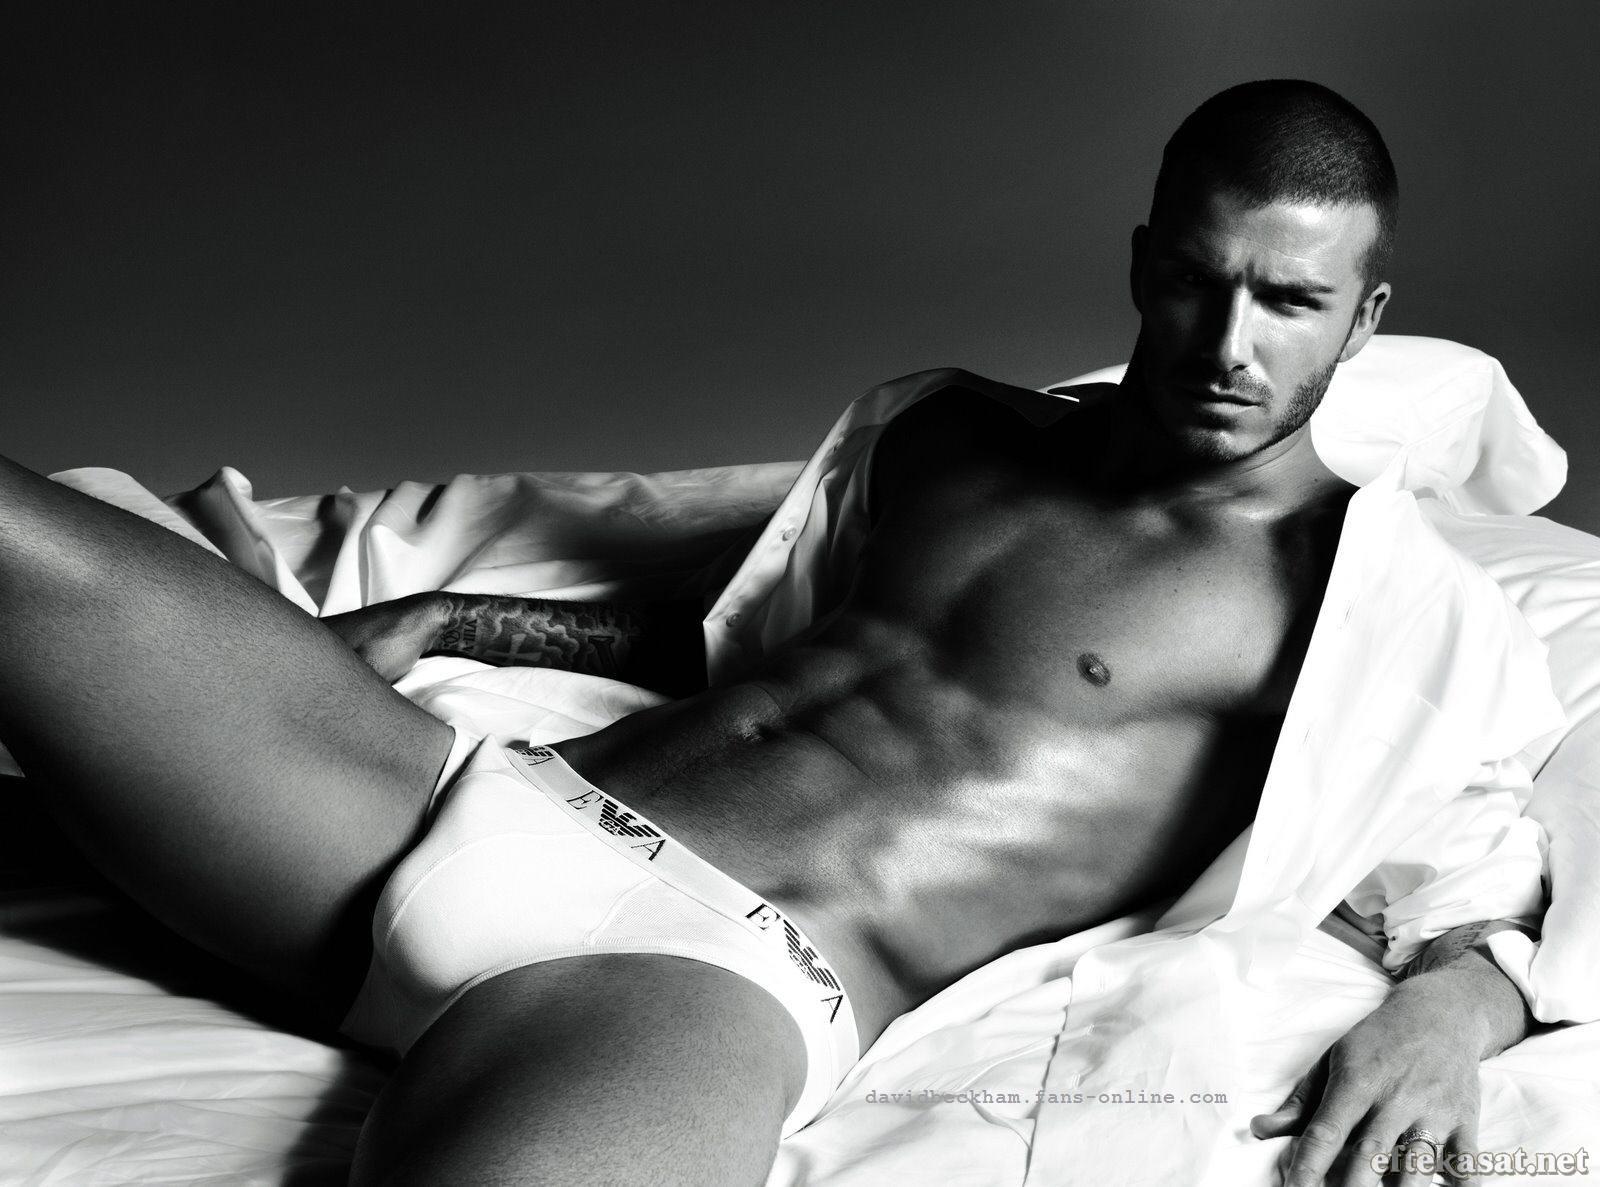 http://1.bp.blogspot.com/-utD3uKUlo8U/UPADQuR6_8I/AAAAAAAAEmA/-1qC81_-V_s/s1600/David+Beckham+underwear+Armani+shirtless.jpg